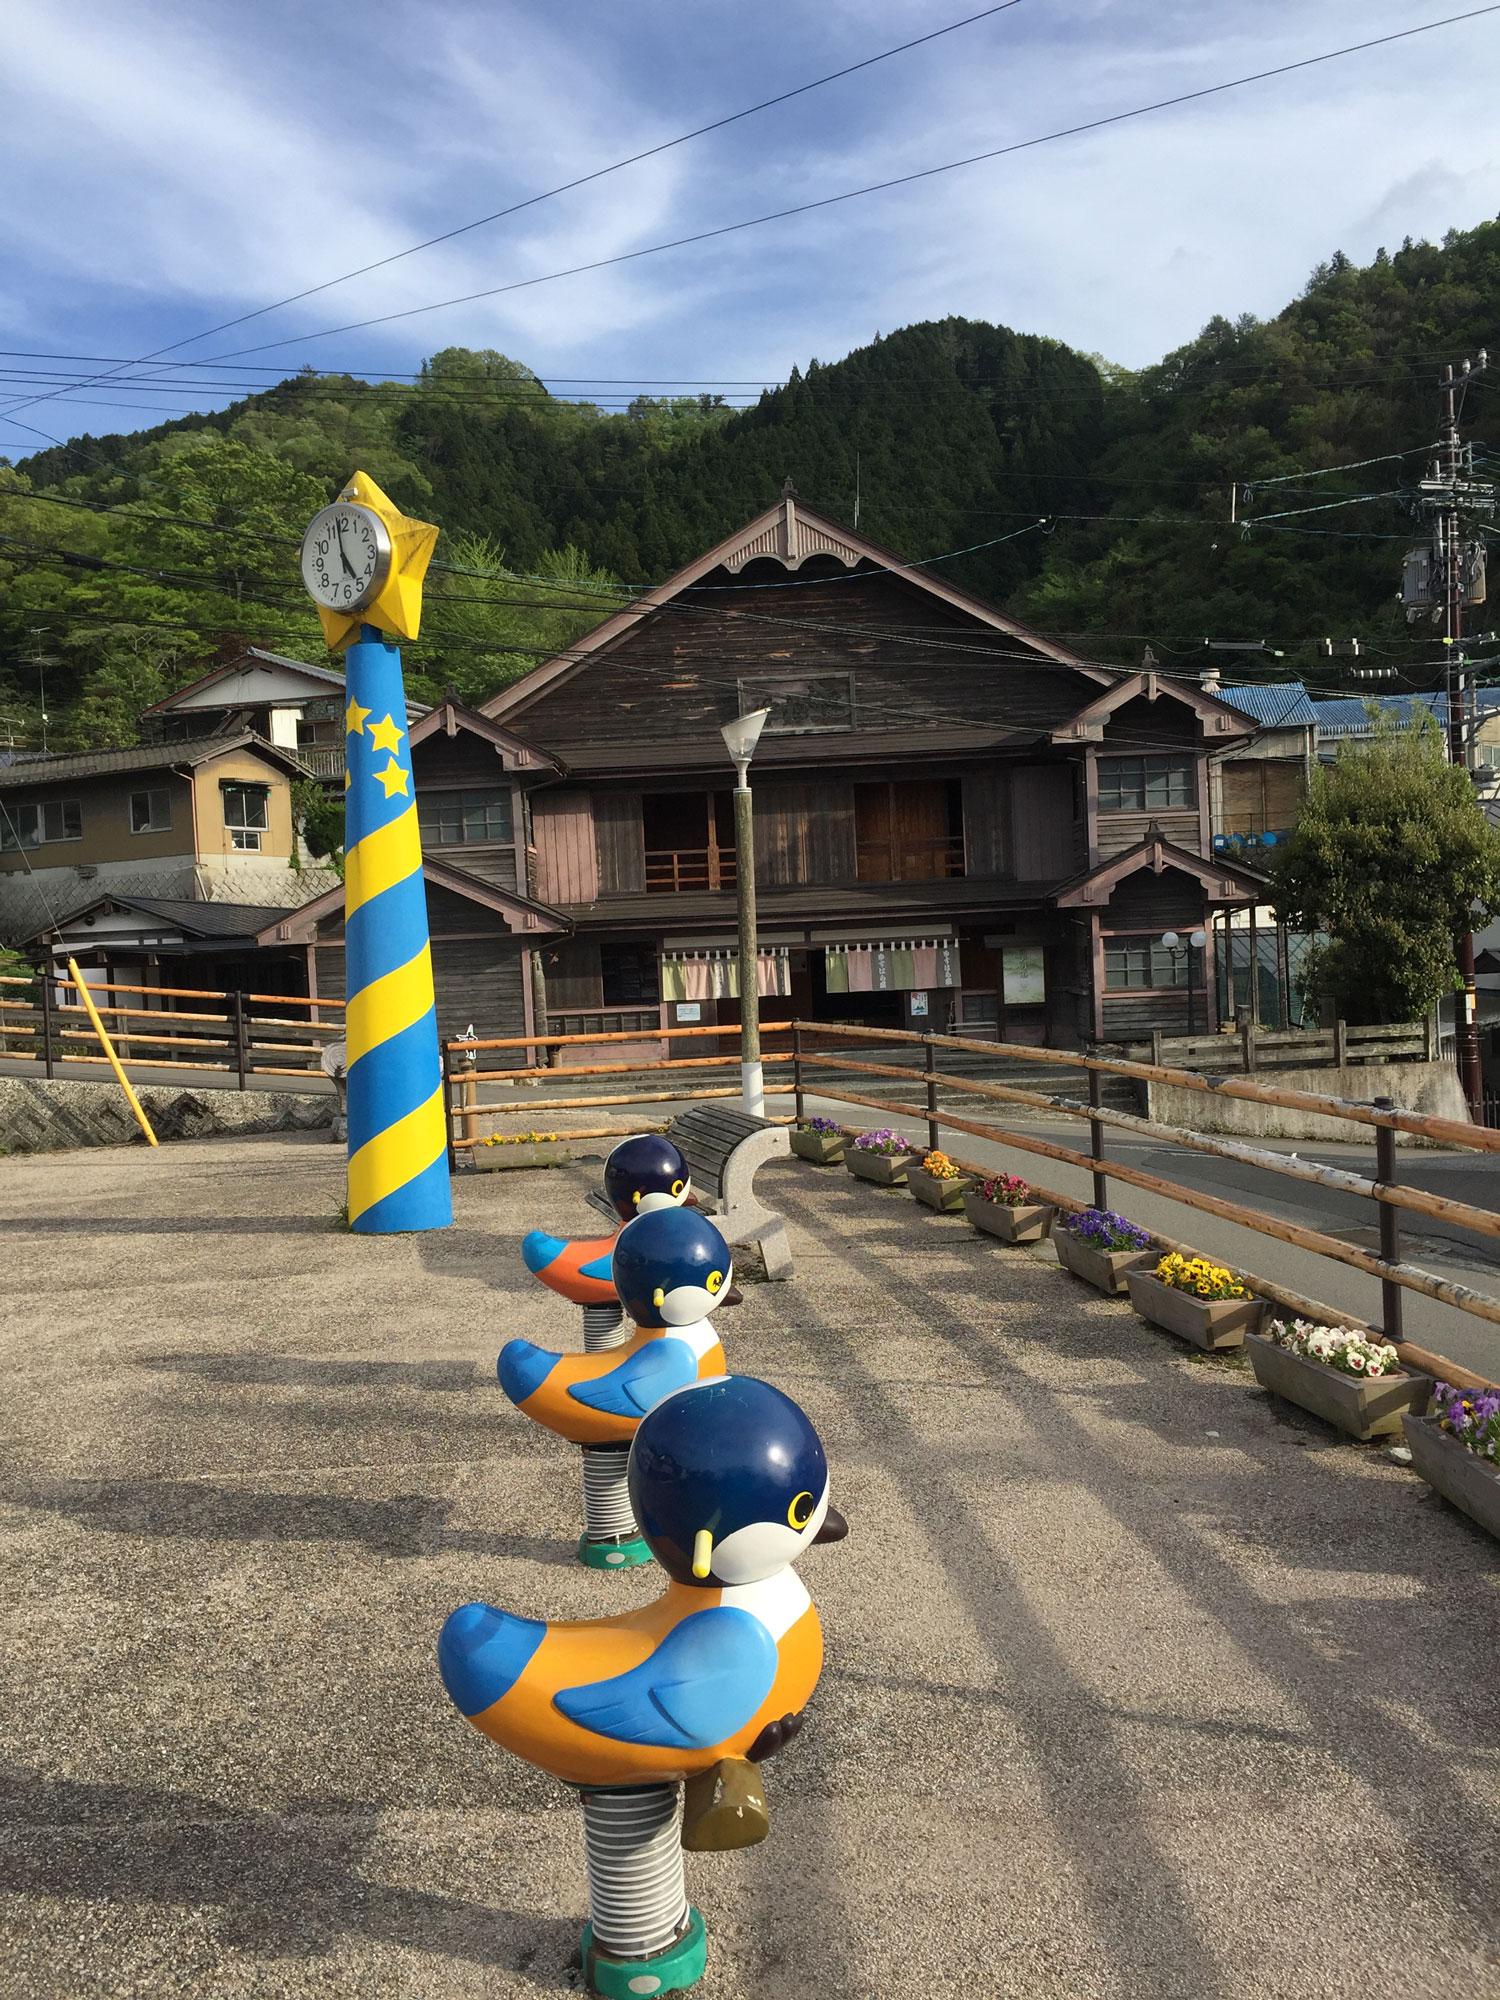 Yusuhara Playground Yusuhara, Japan